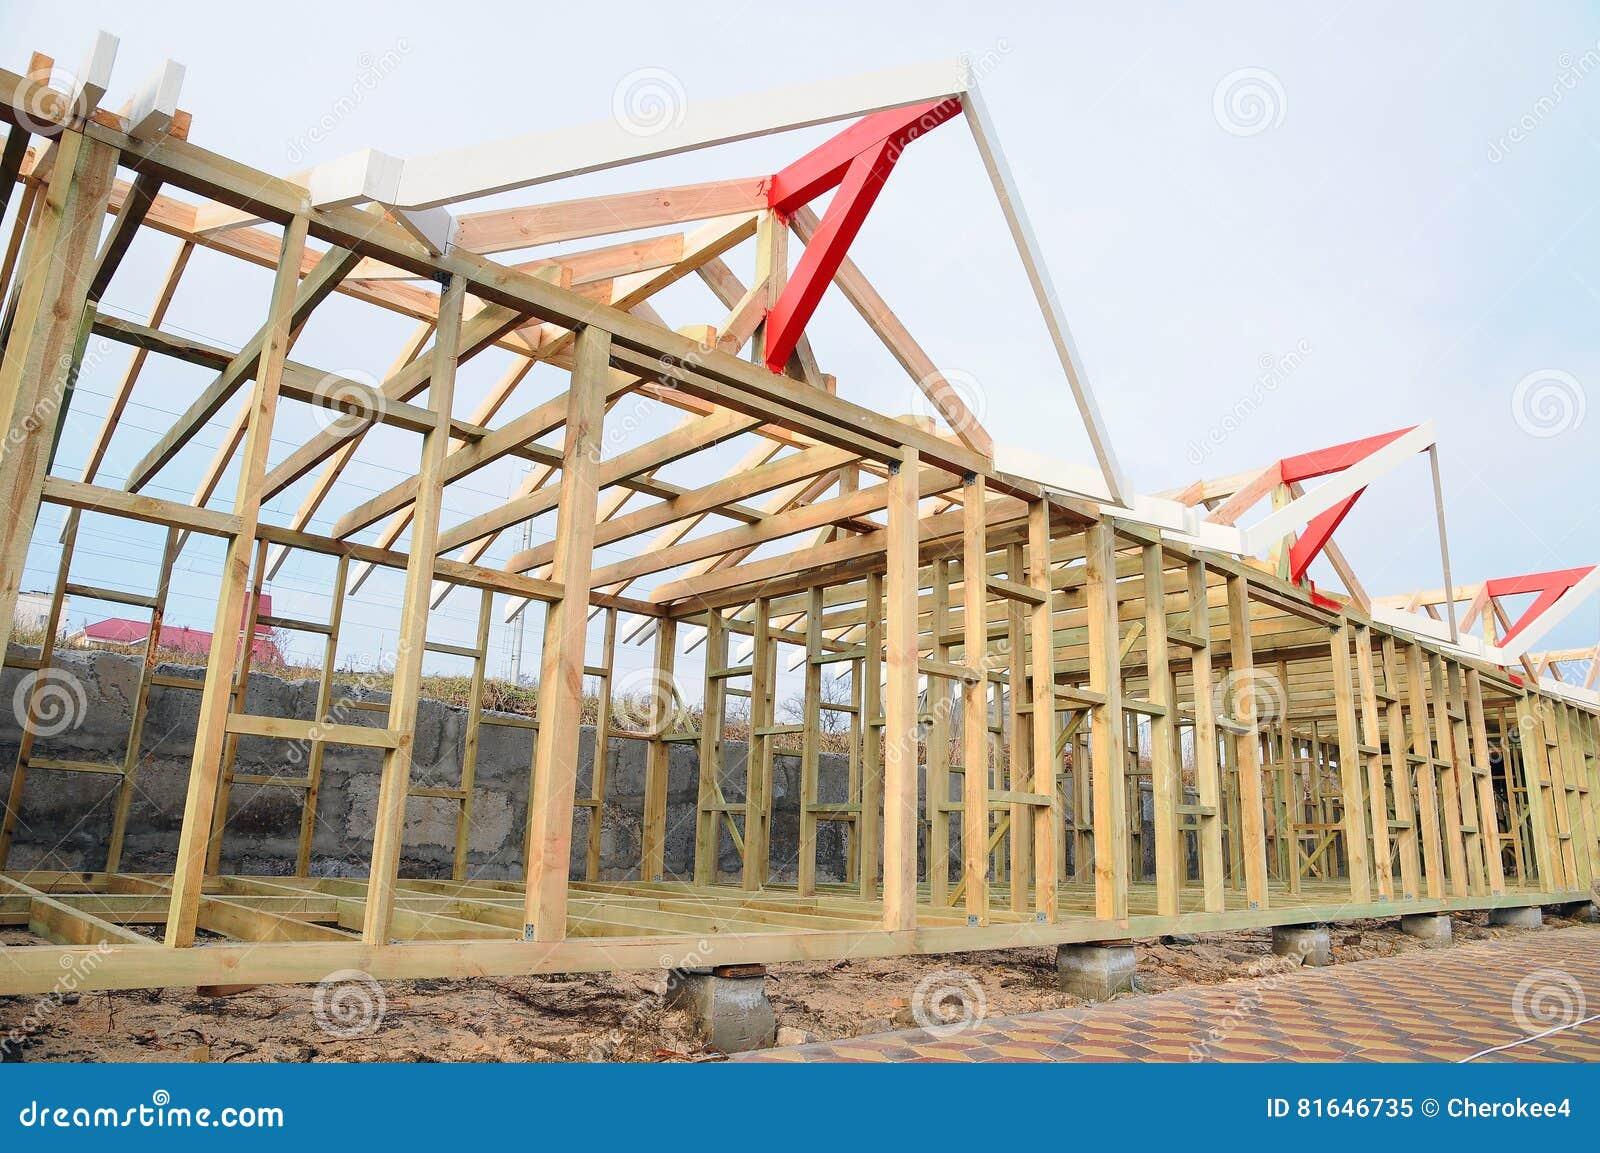 Casas con estructura de madera cheap montaje de - Estructura casa madera ...